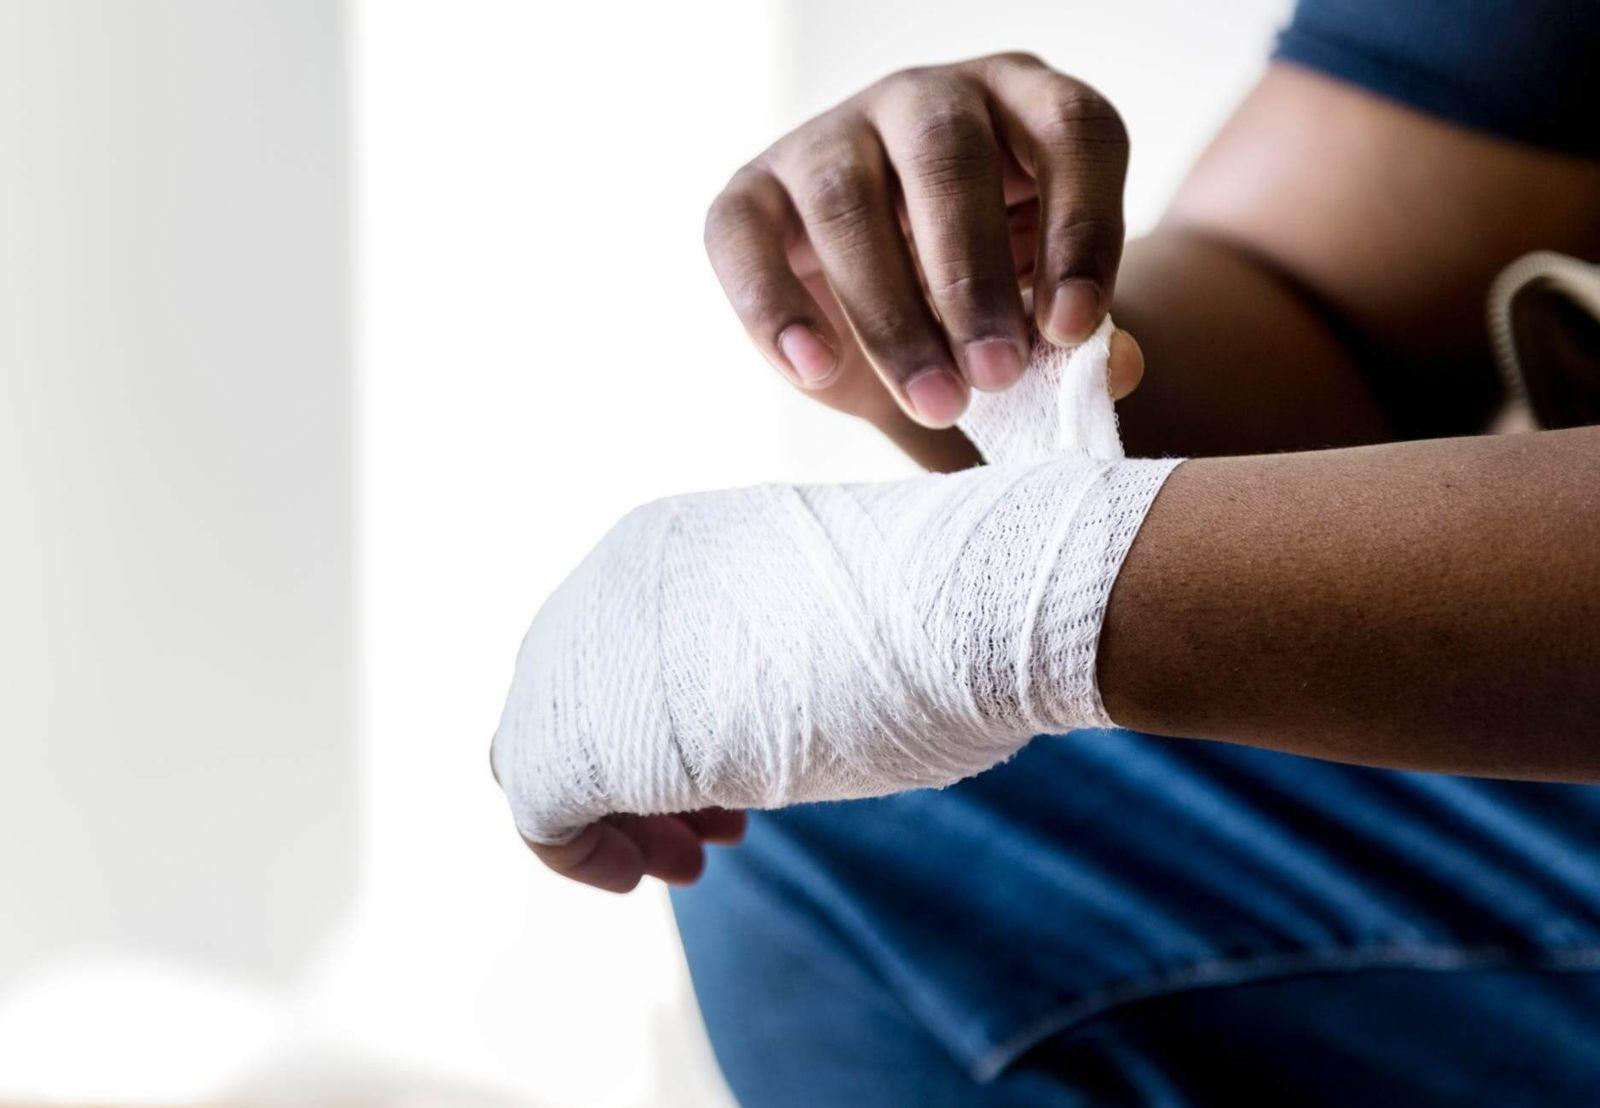 Bandaged first degree burn injury